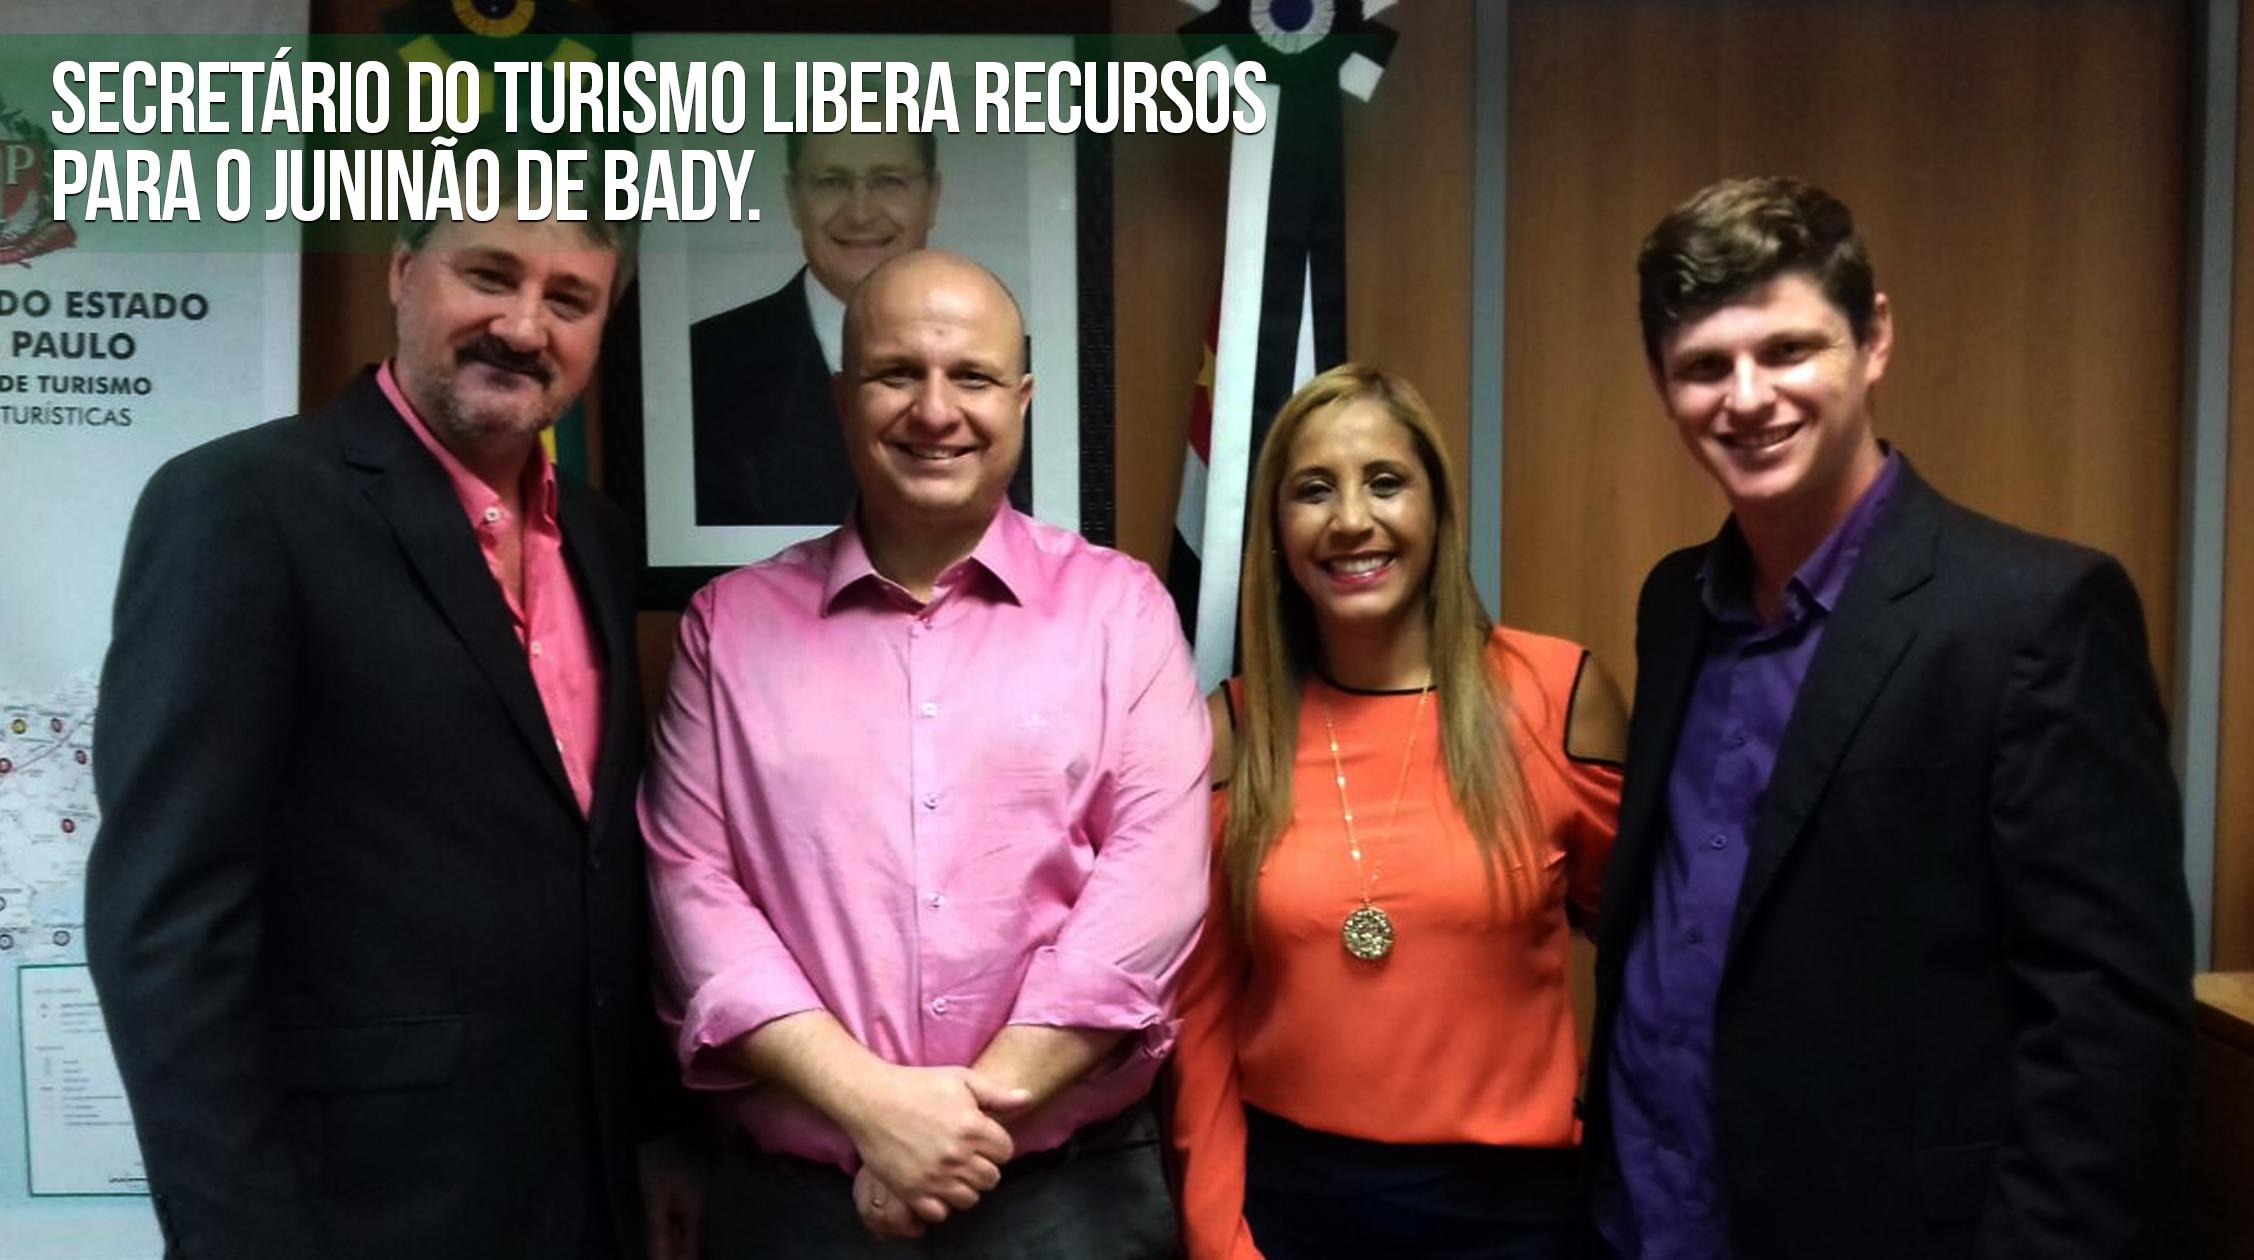 Secretário de Turismo libera recursos para o Juninão de Bady